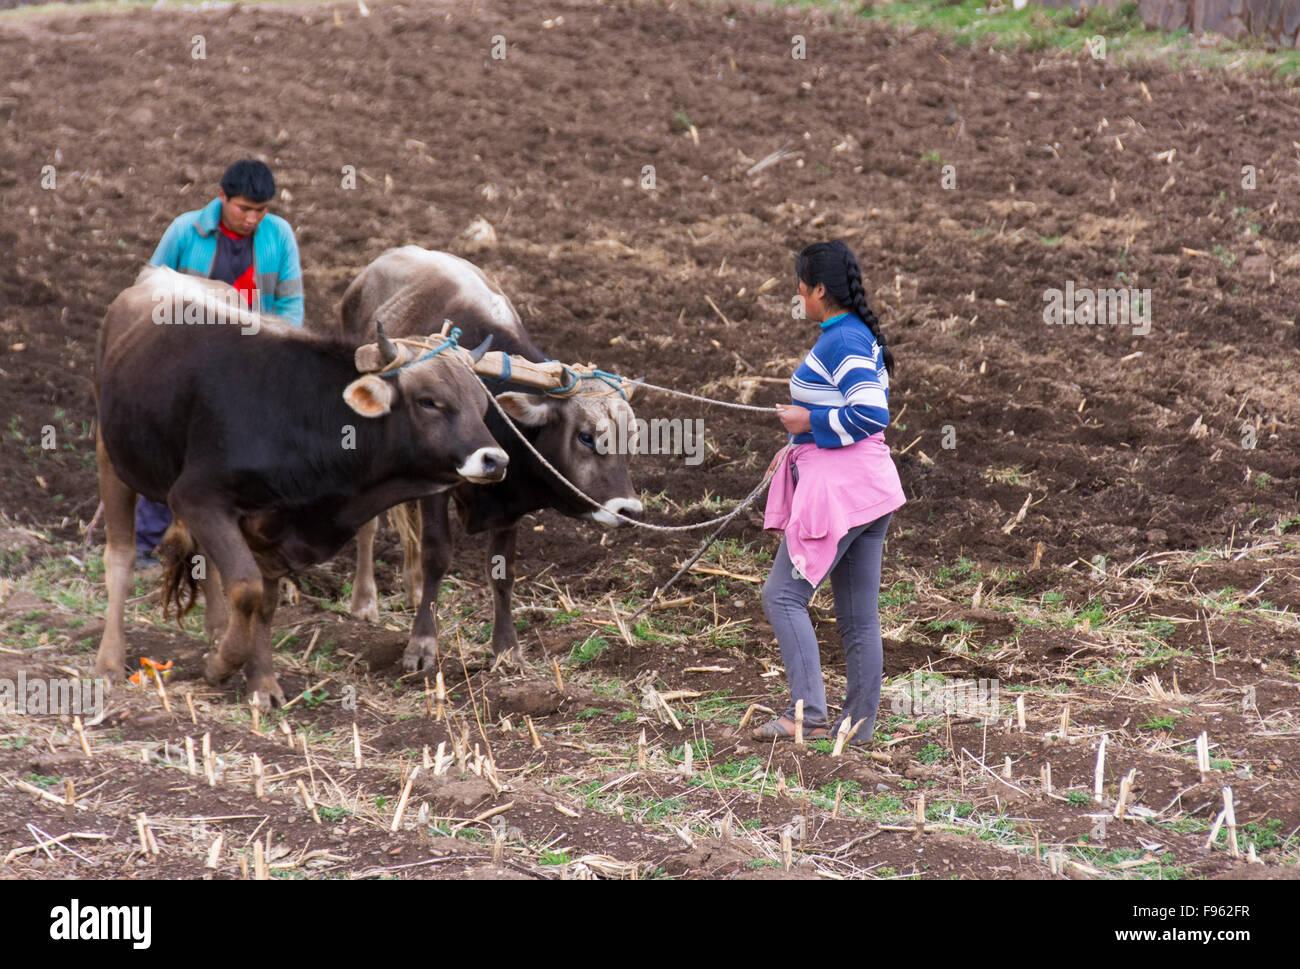 Peruvian village scenes - Stock Image